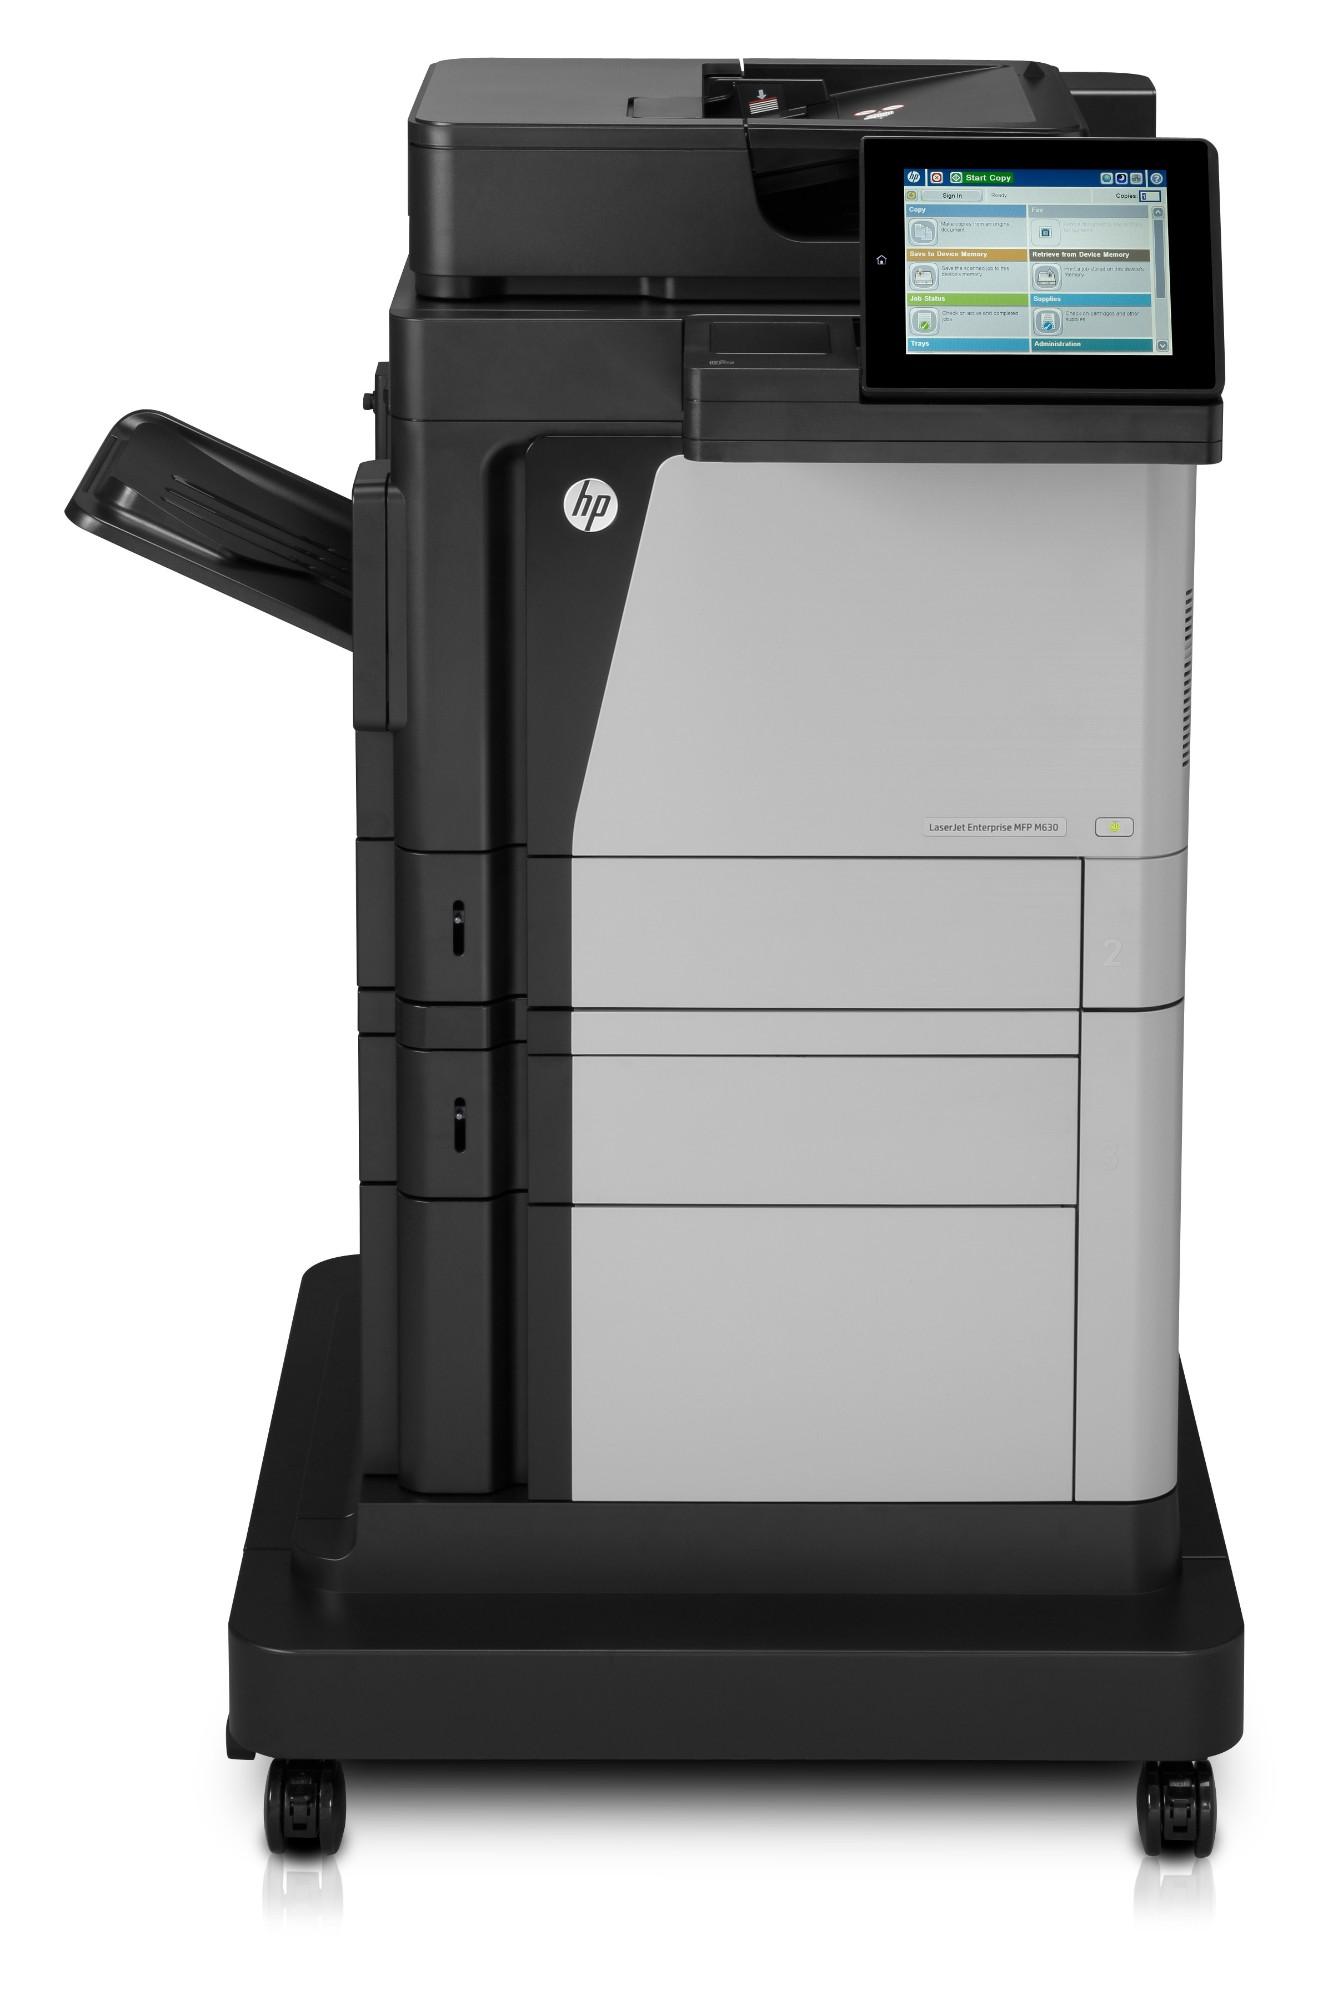 LaserJet Enterprise M630f - Multifunction Printer - Laser - A4 - USB / Ethernet